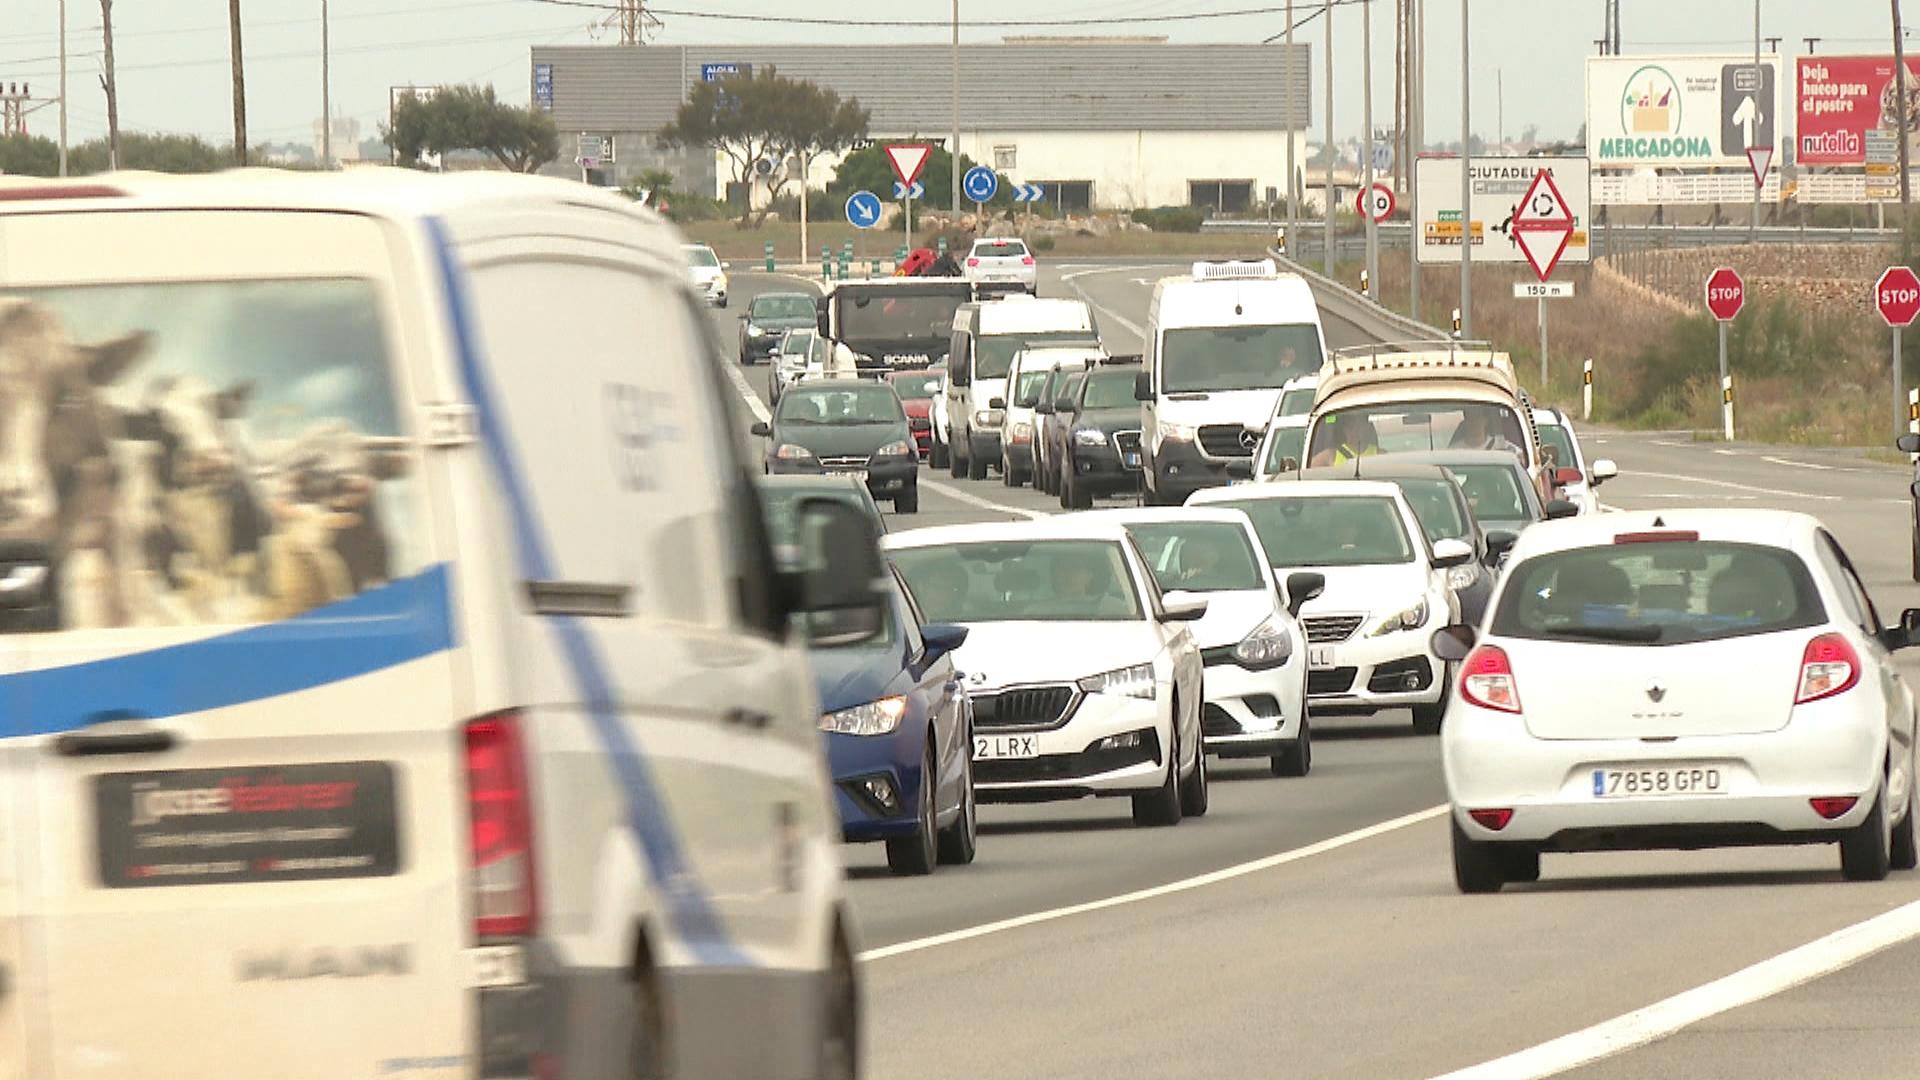 El+r%C3%A8cord+hist%C3%B2ric+de+vehicles+que+circulen+per+Menorca+reobre+el+debat+sobre+la+seva+limitaci%C3%B3+d%26apos%3Bentrada